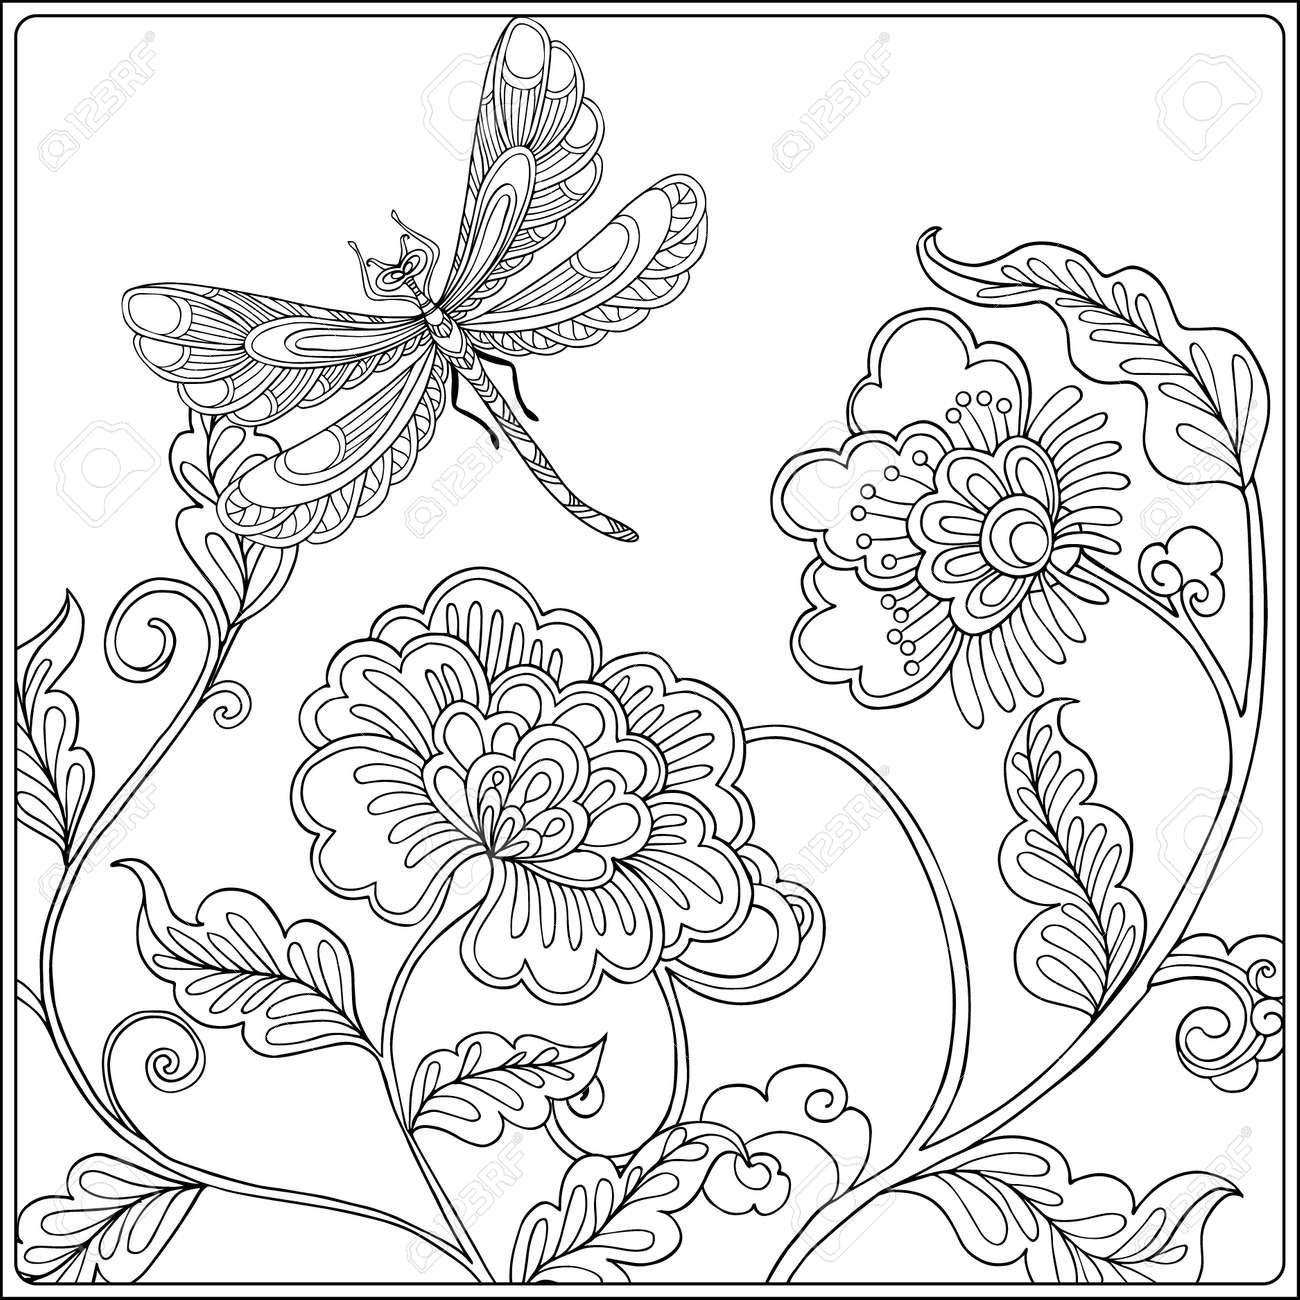 Disegni Da Colorare Per Adulti Fiori E Farfalle Coloratutto Website